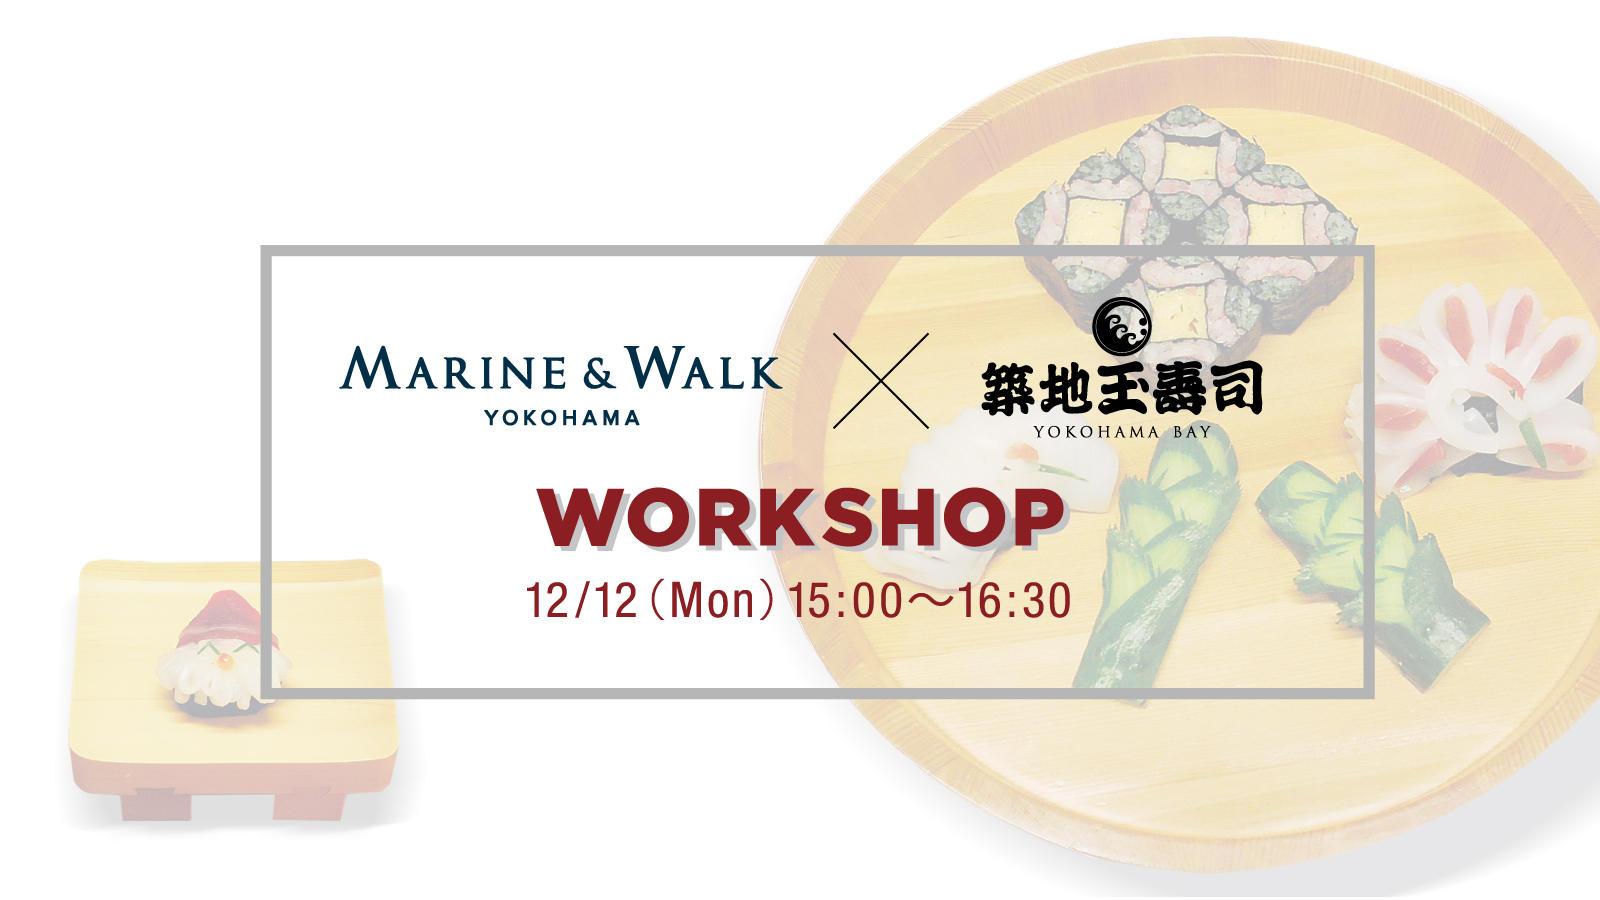 MARINE&WALK × 築地玉寿司 WORKSHOP開催